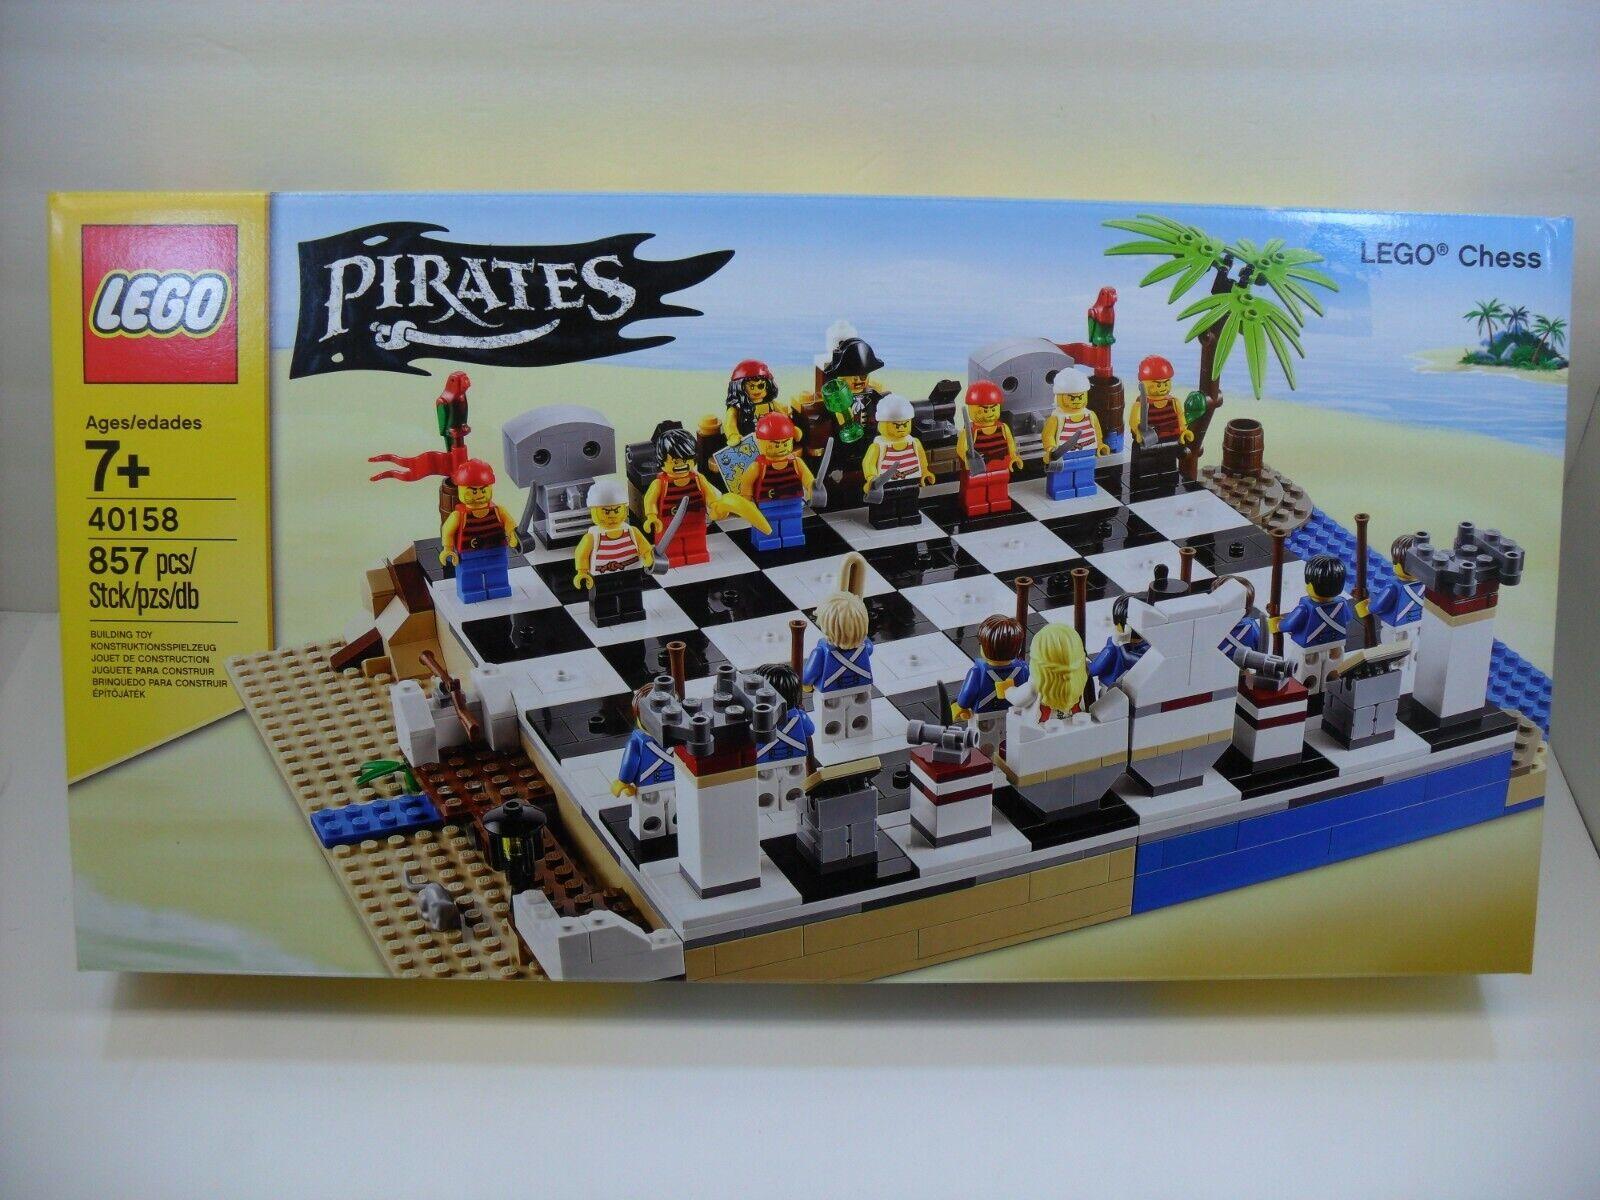 Sealed LEGO LEGO LEGO 40158 Pirates Chess Set 857 Pcs 60bdd1